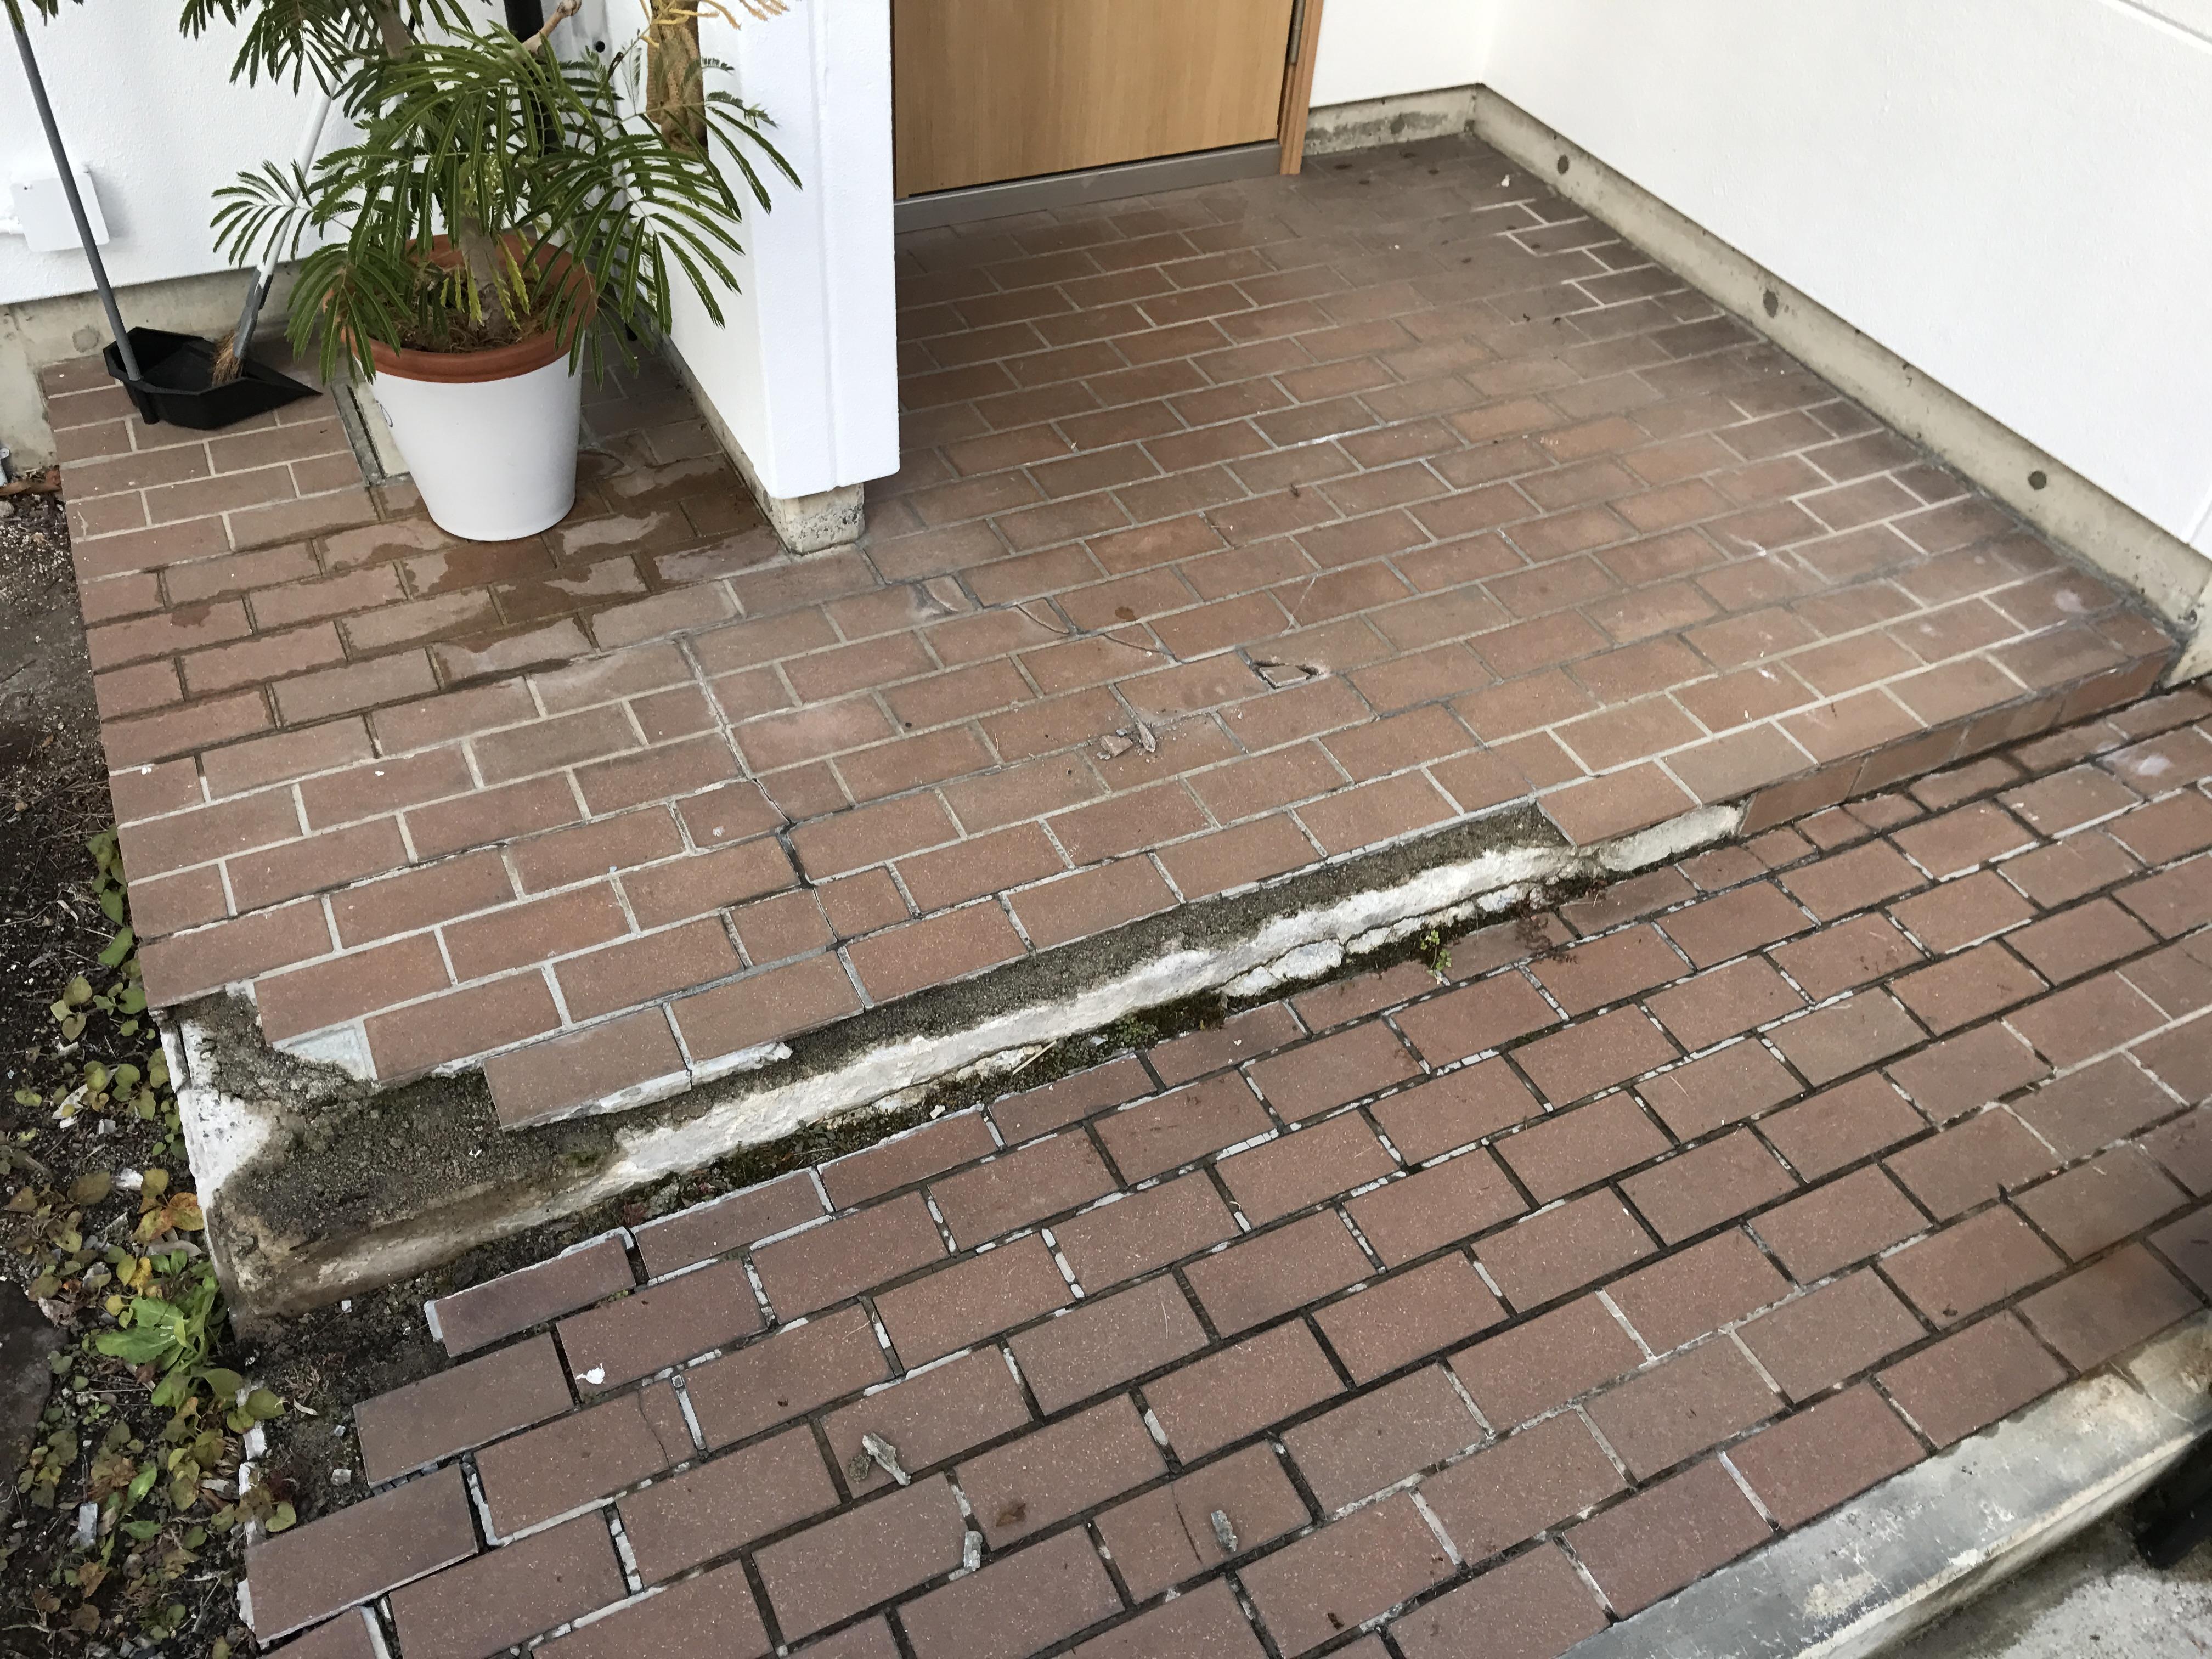 山形市住宅玄関床改修工事(コンクリート景観工法)